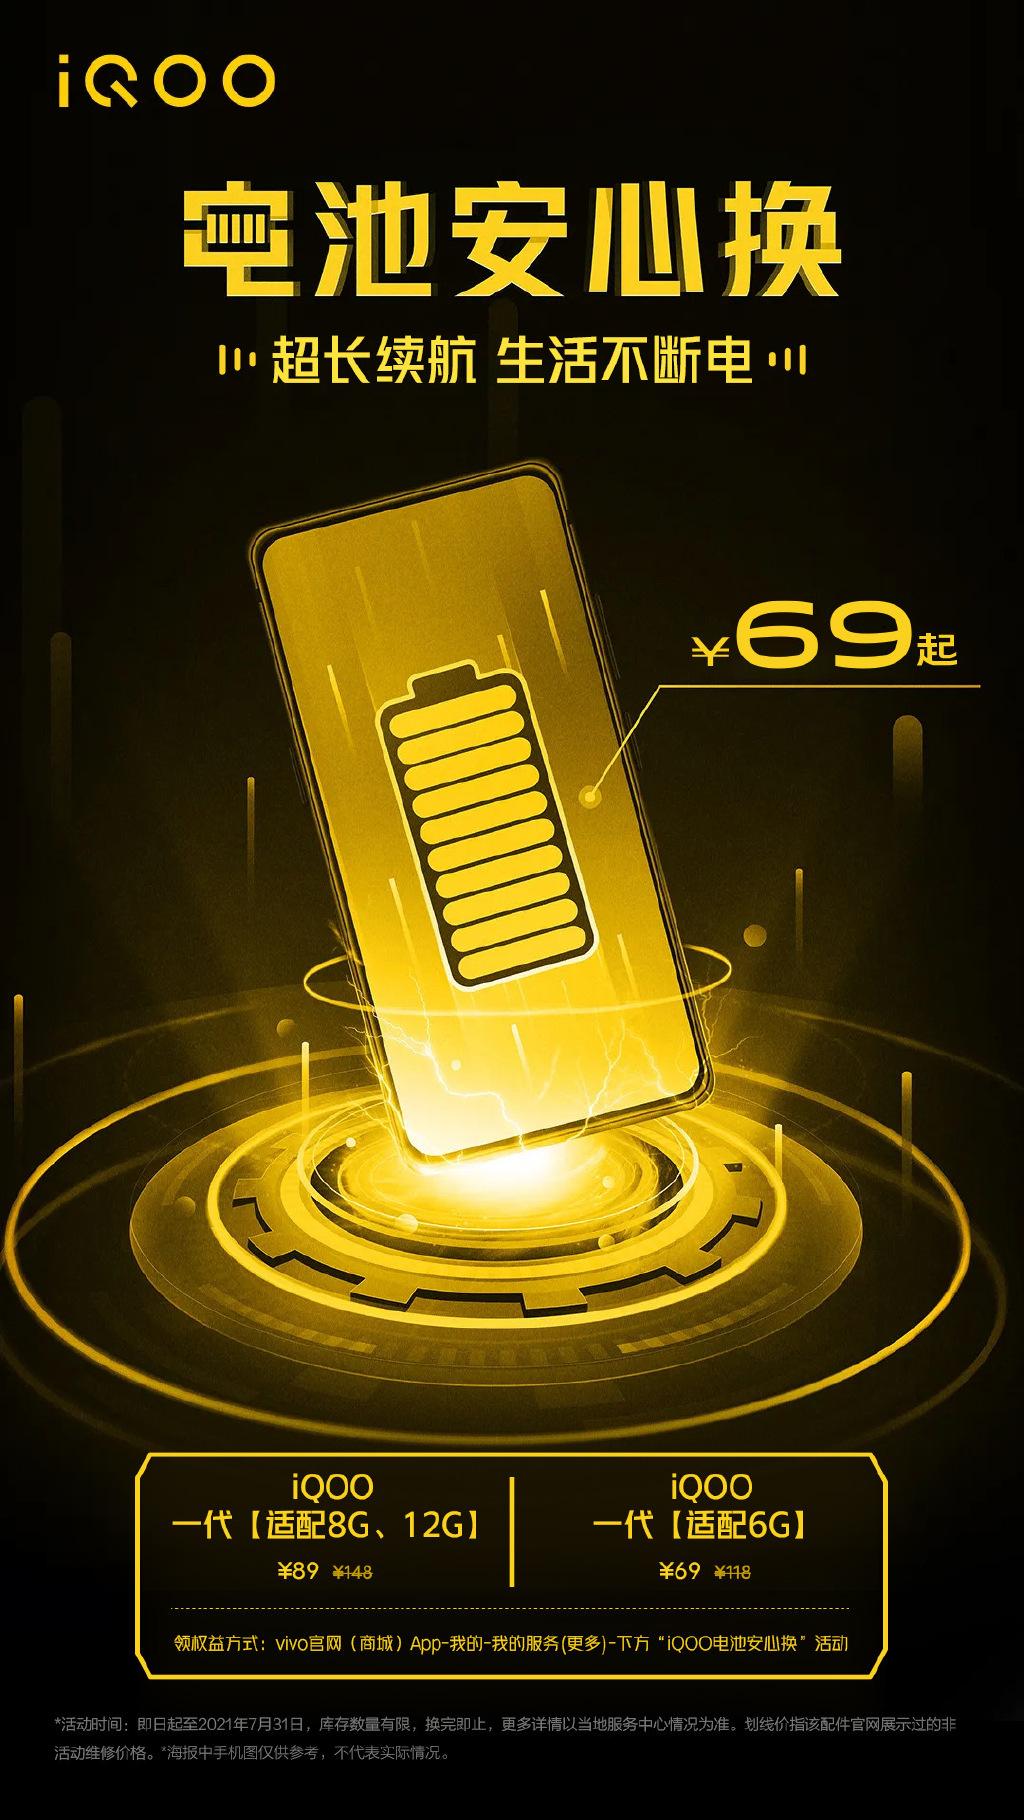 iQOO开启电池安心换活动:69元满血复活